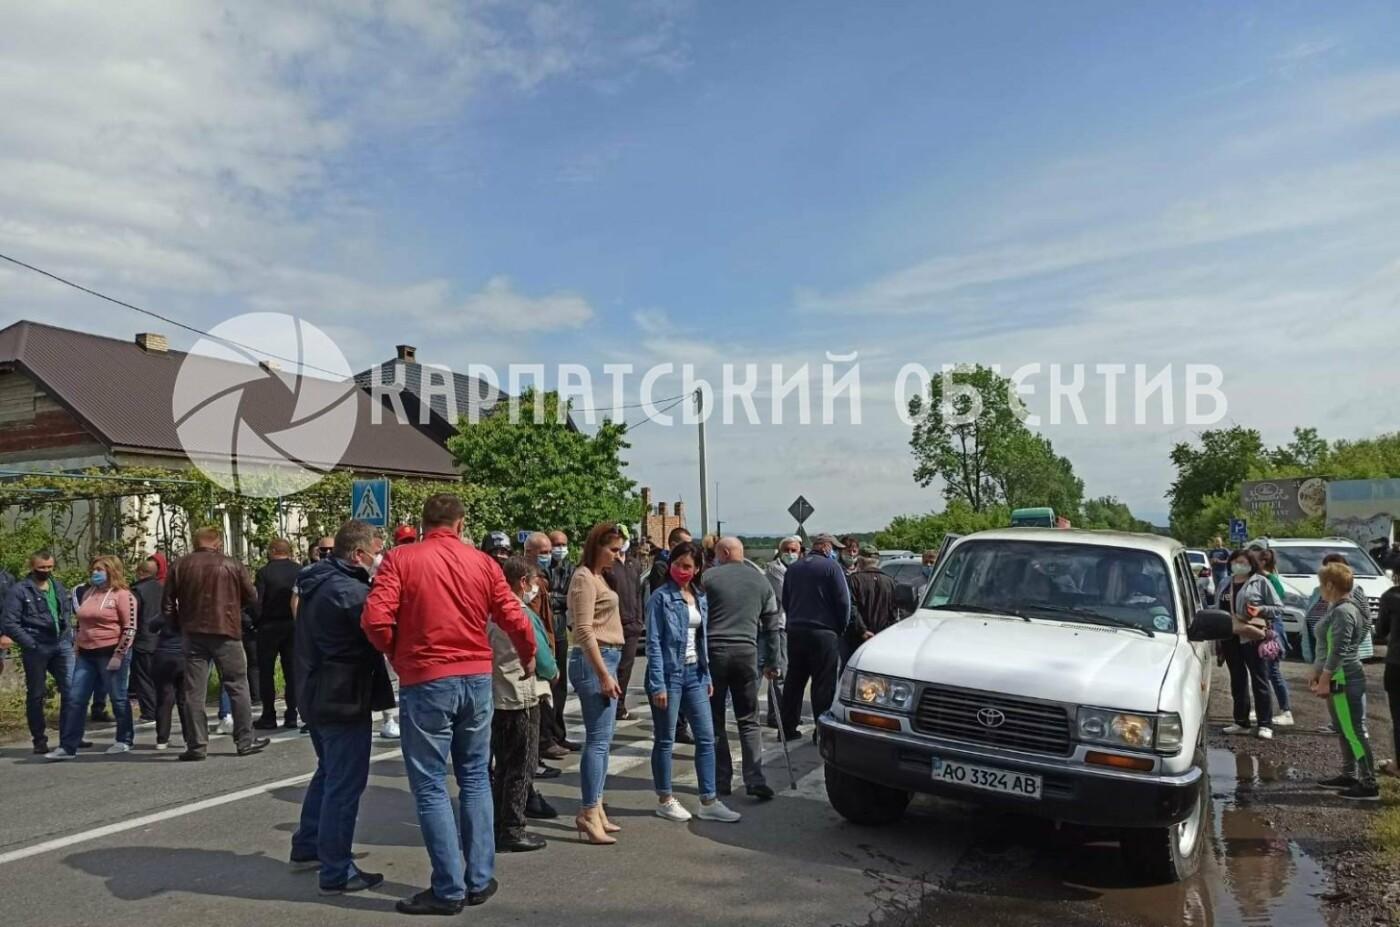 Закарпатці заблокували трасу державного значення Мукачево-Рогатин через об'єднання громади (ФОТО), фото-3